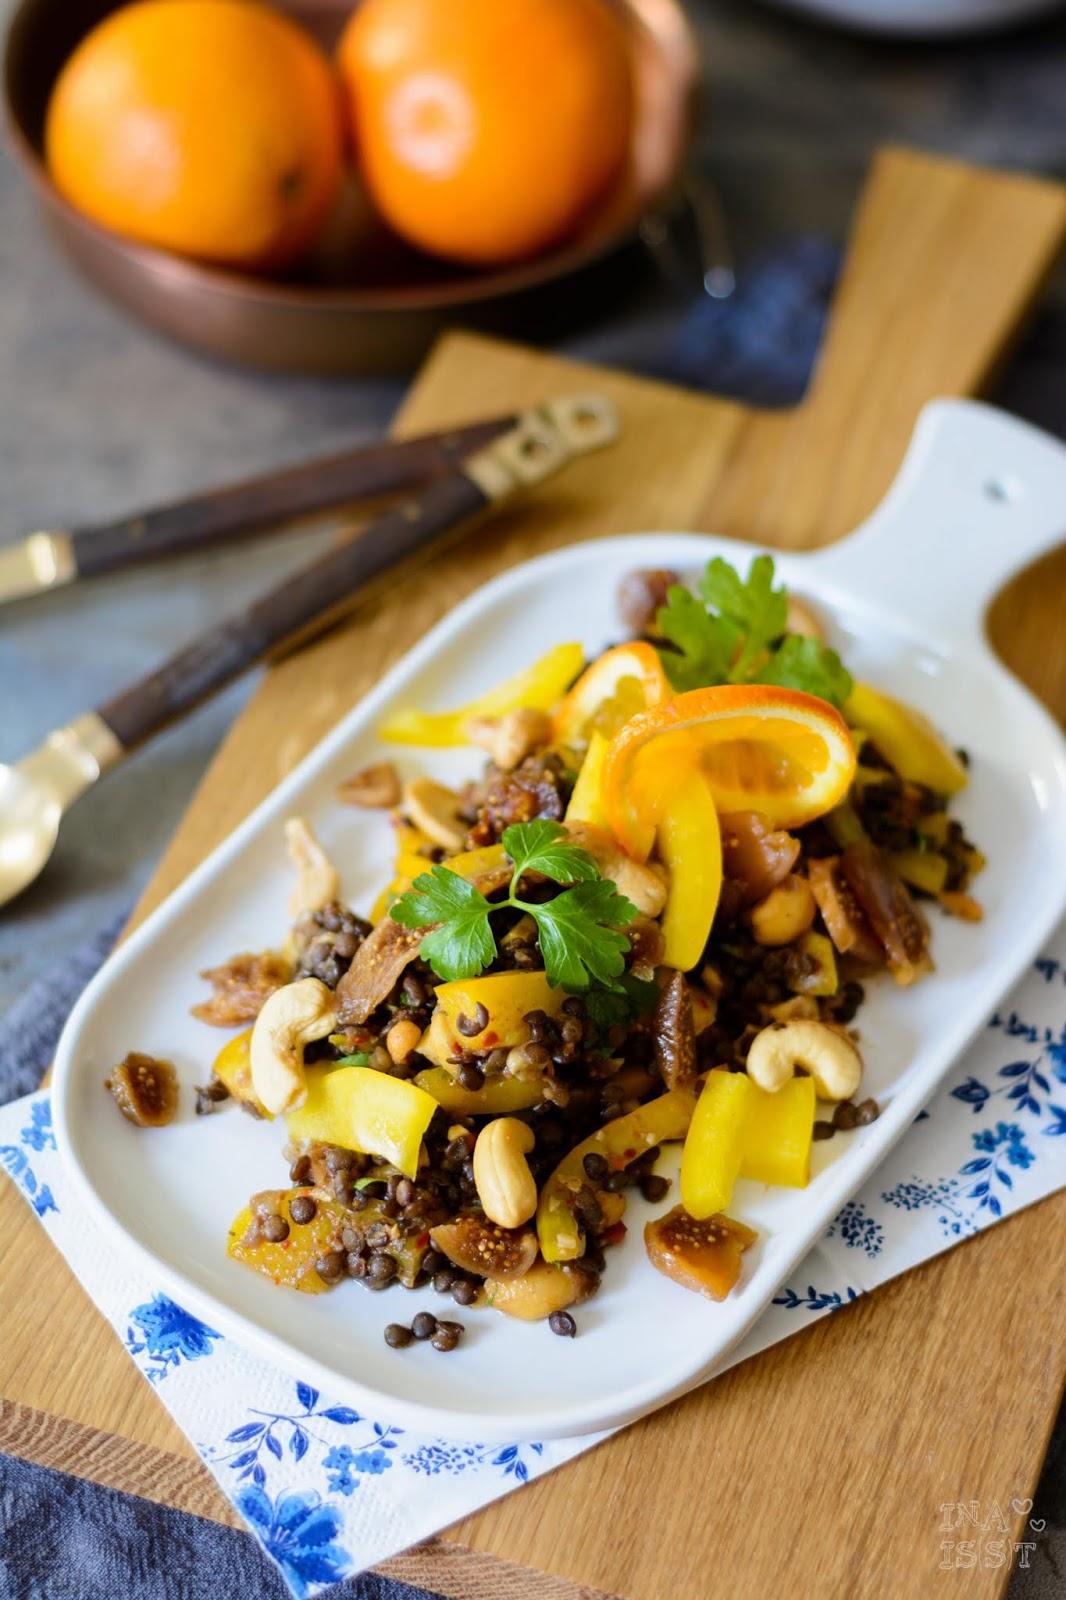 Rezept für Orientalischer Linsensalat mit Feigen und Cashewkernen, Dipster Nürnberg, Foodblog Nürnberg